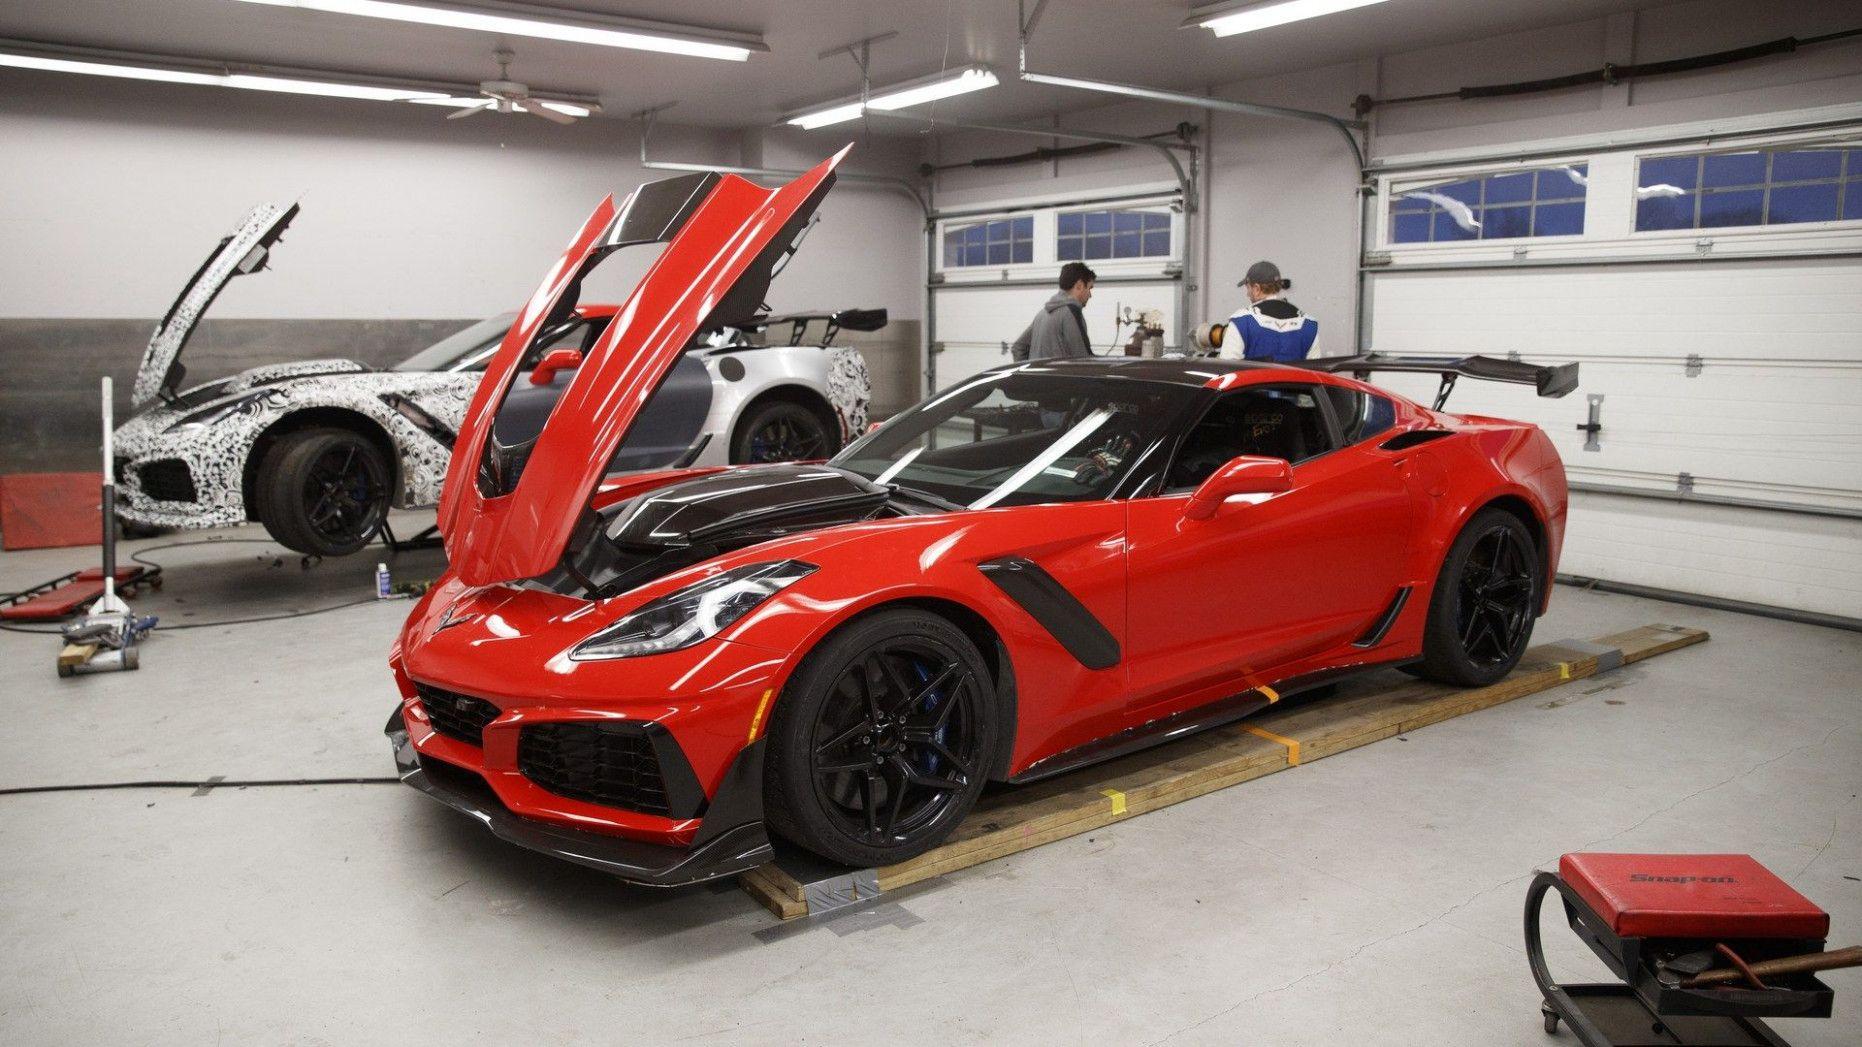 2020 Zr1 Vs Ford Gt Spesification Ford Gt Corvette Zr1 Corvette